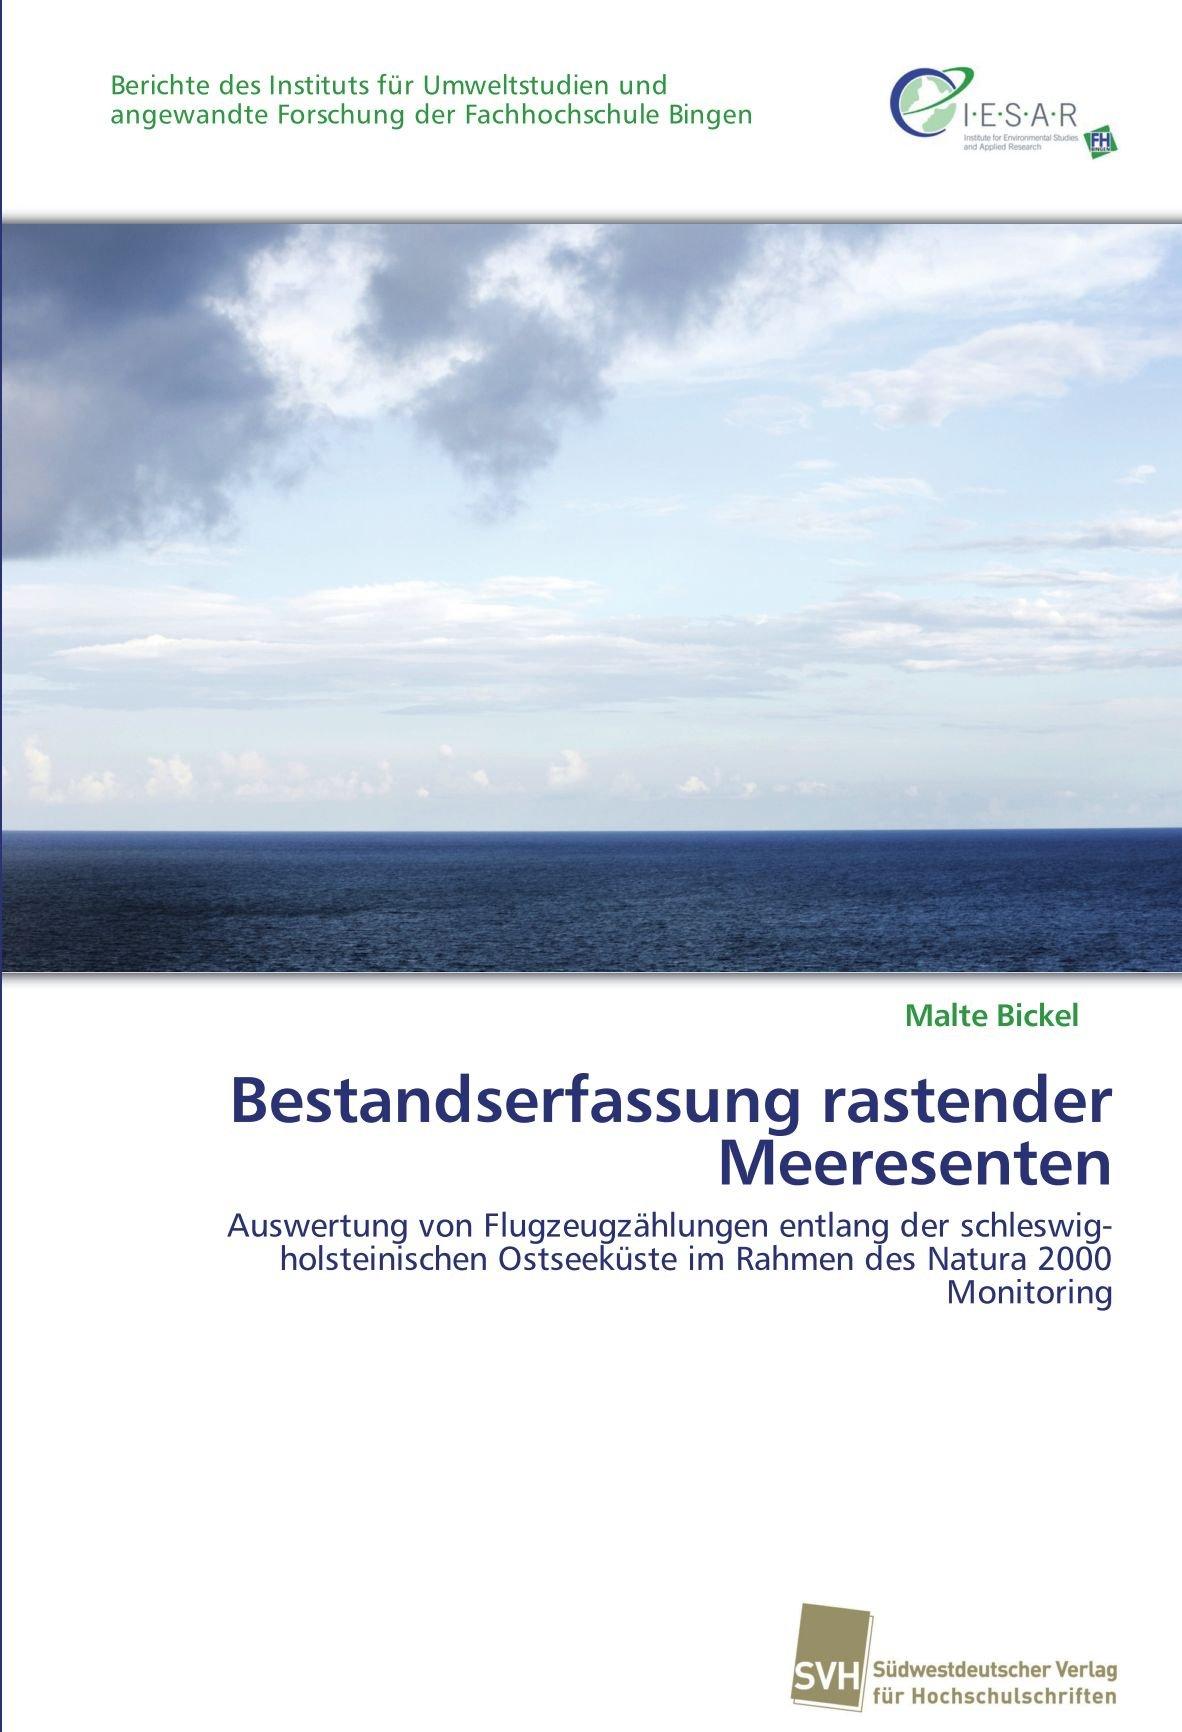 Bestandserfassung rastender Meeresenten: Auswertung von Flugzeugzählungen entlang der schleswig-holsteinischen Ostseeküste im Rahmen des Natura 2000 Monitoring